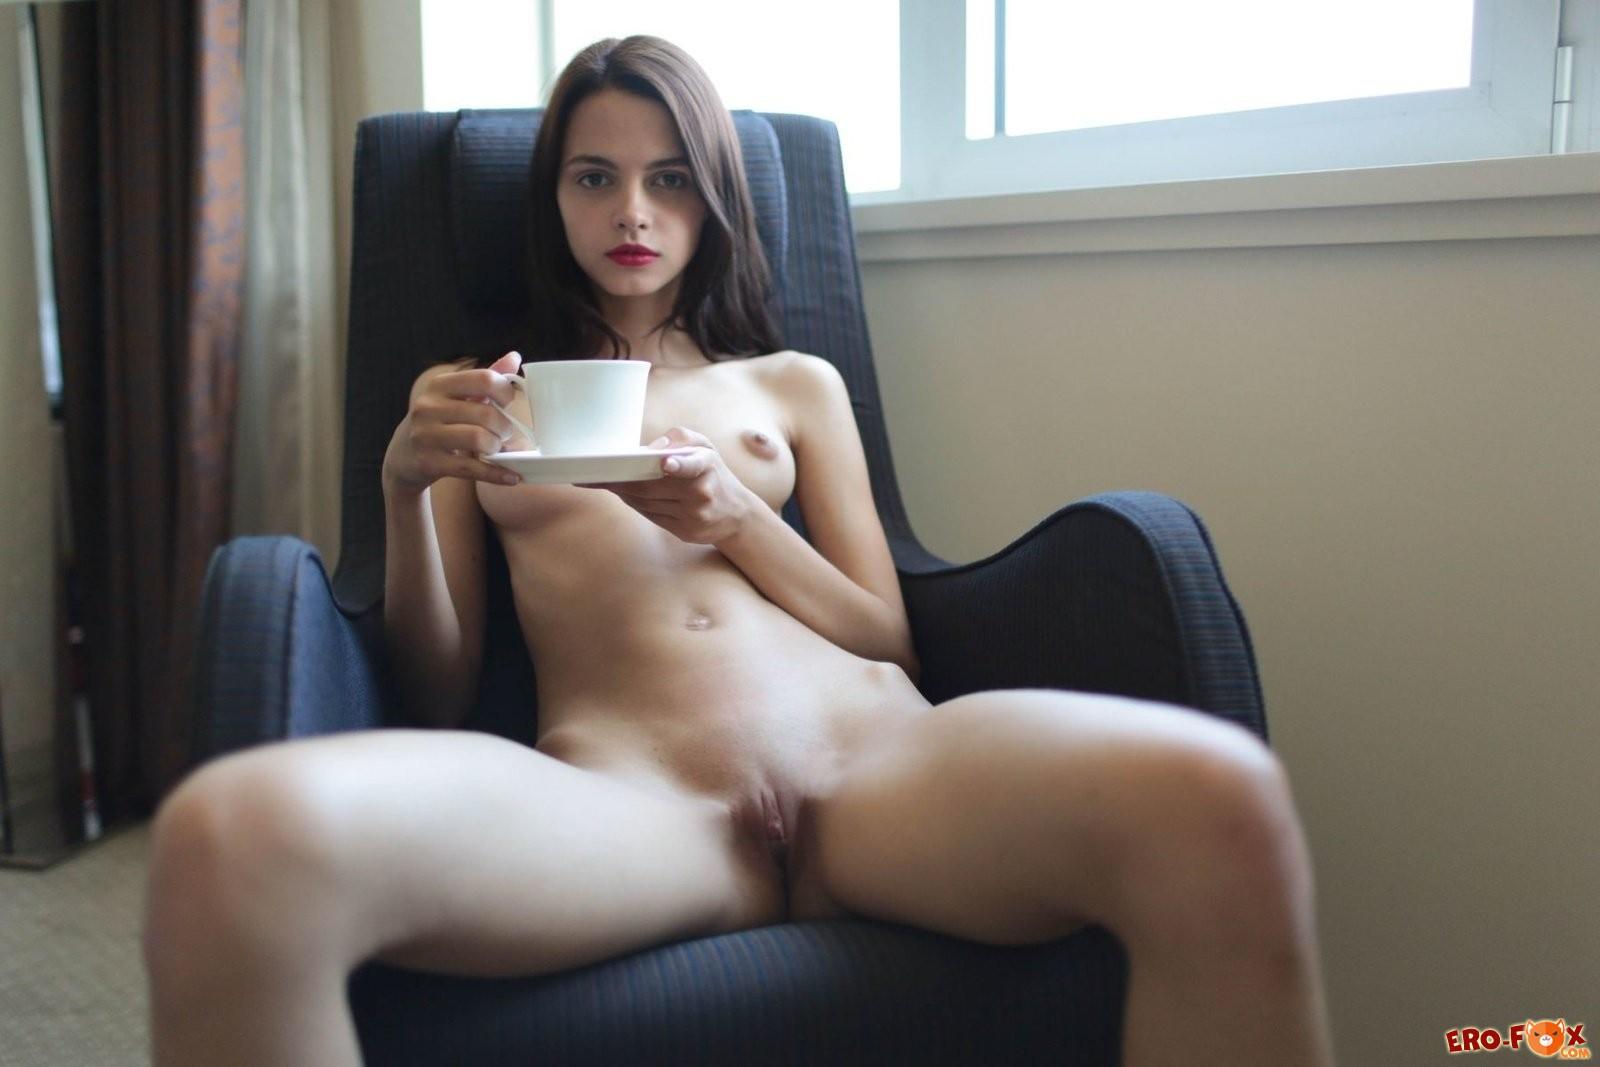 Голая худышка пьёт чай в кресле » Эротикасмотреть лучшую фото эротику бесплатно.